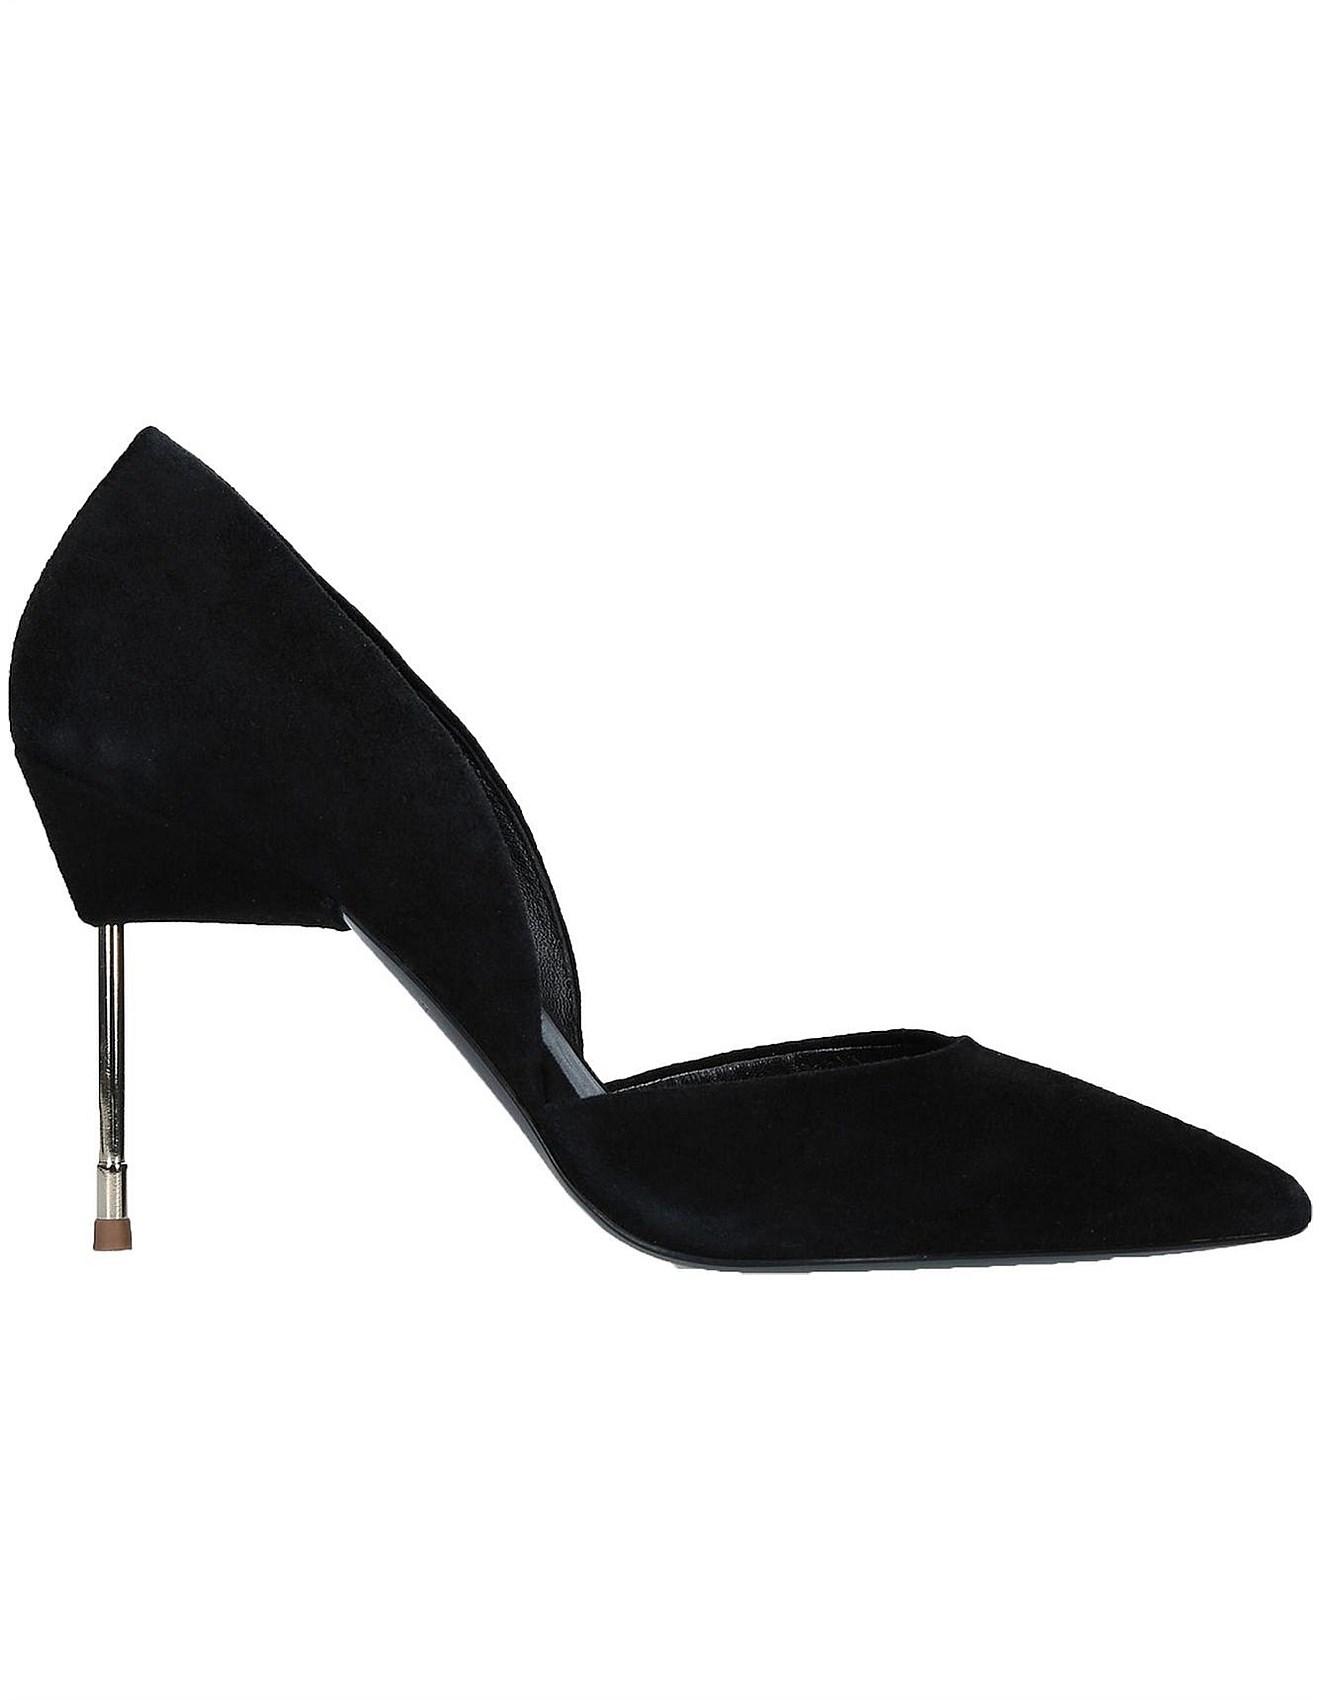 67a2eb3d53a033 Women's Heels Sale | Buy Women's Heels Online | David Jones - KURT ...